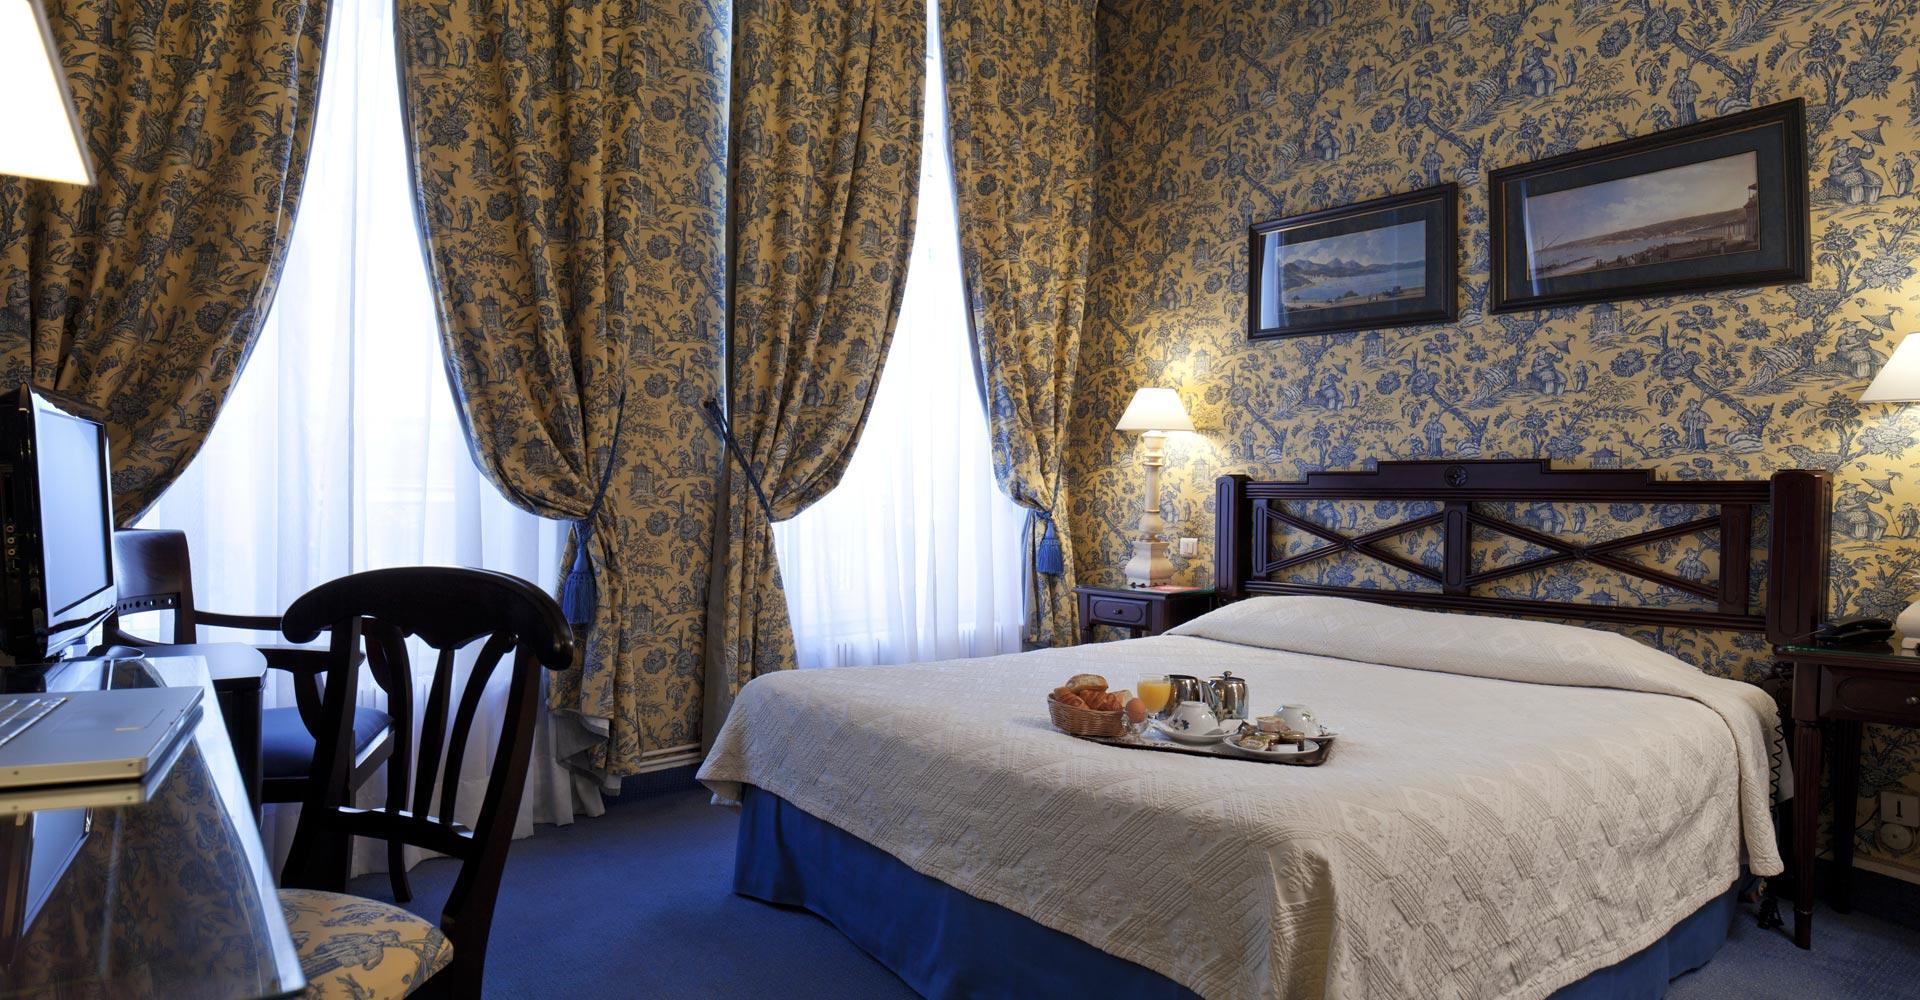 Hotel-beaubourg-Paris_services---11